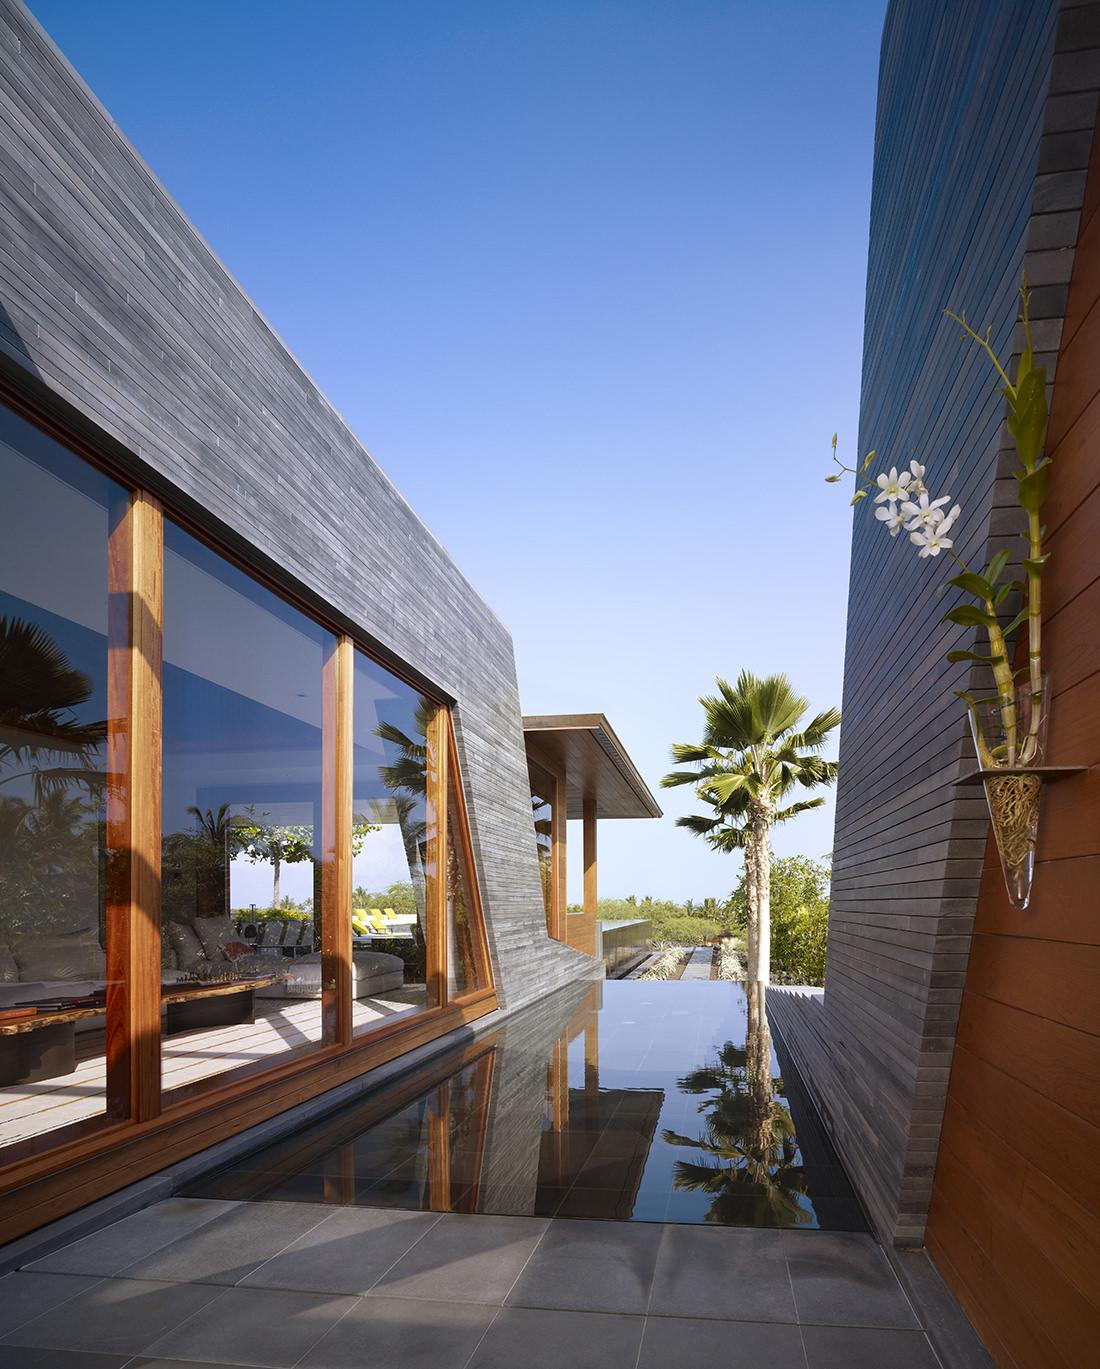 belzberg-architects-kona-residence-11